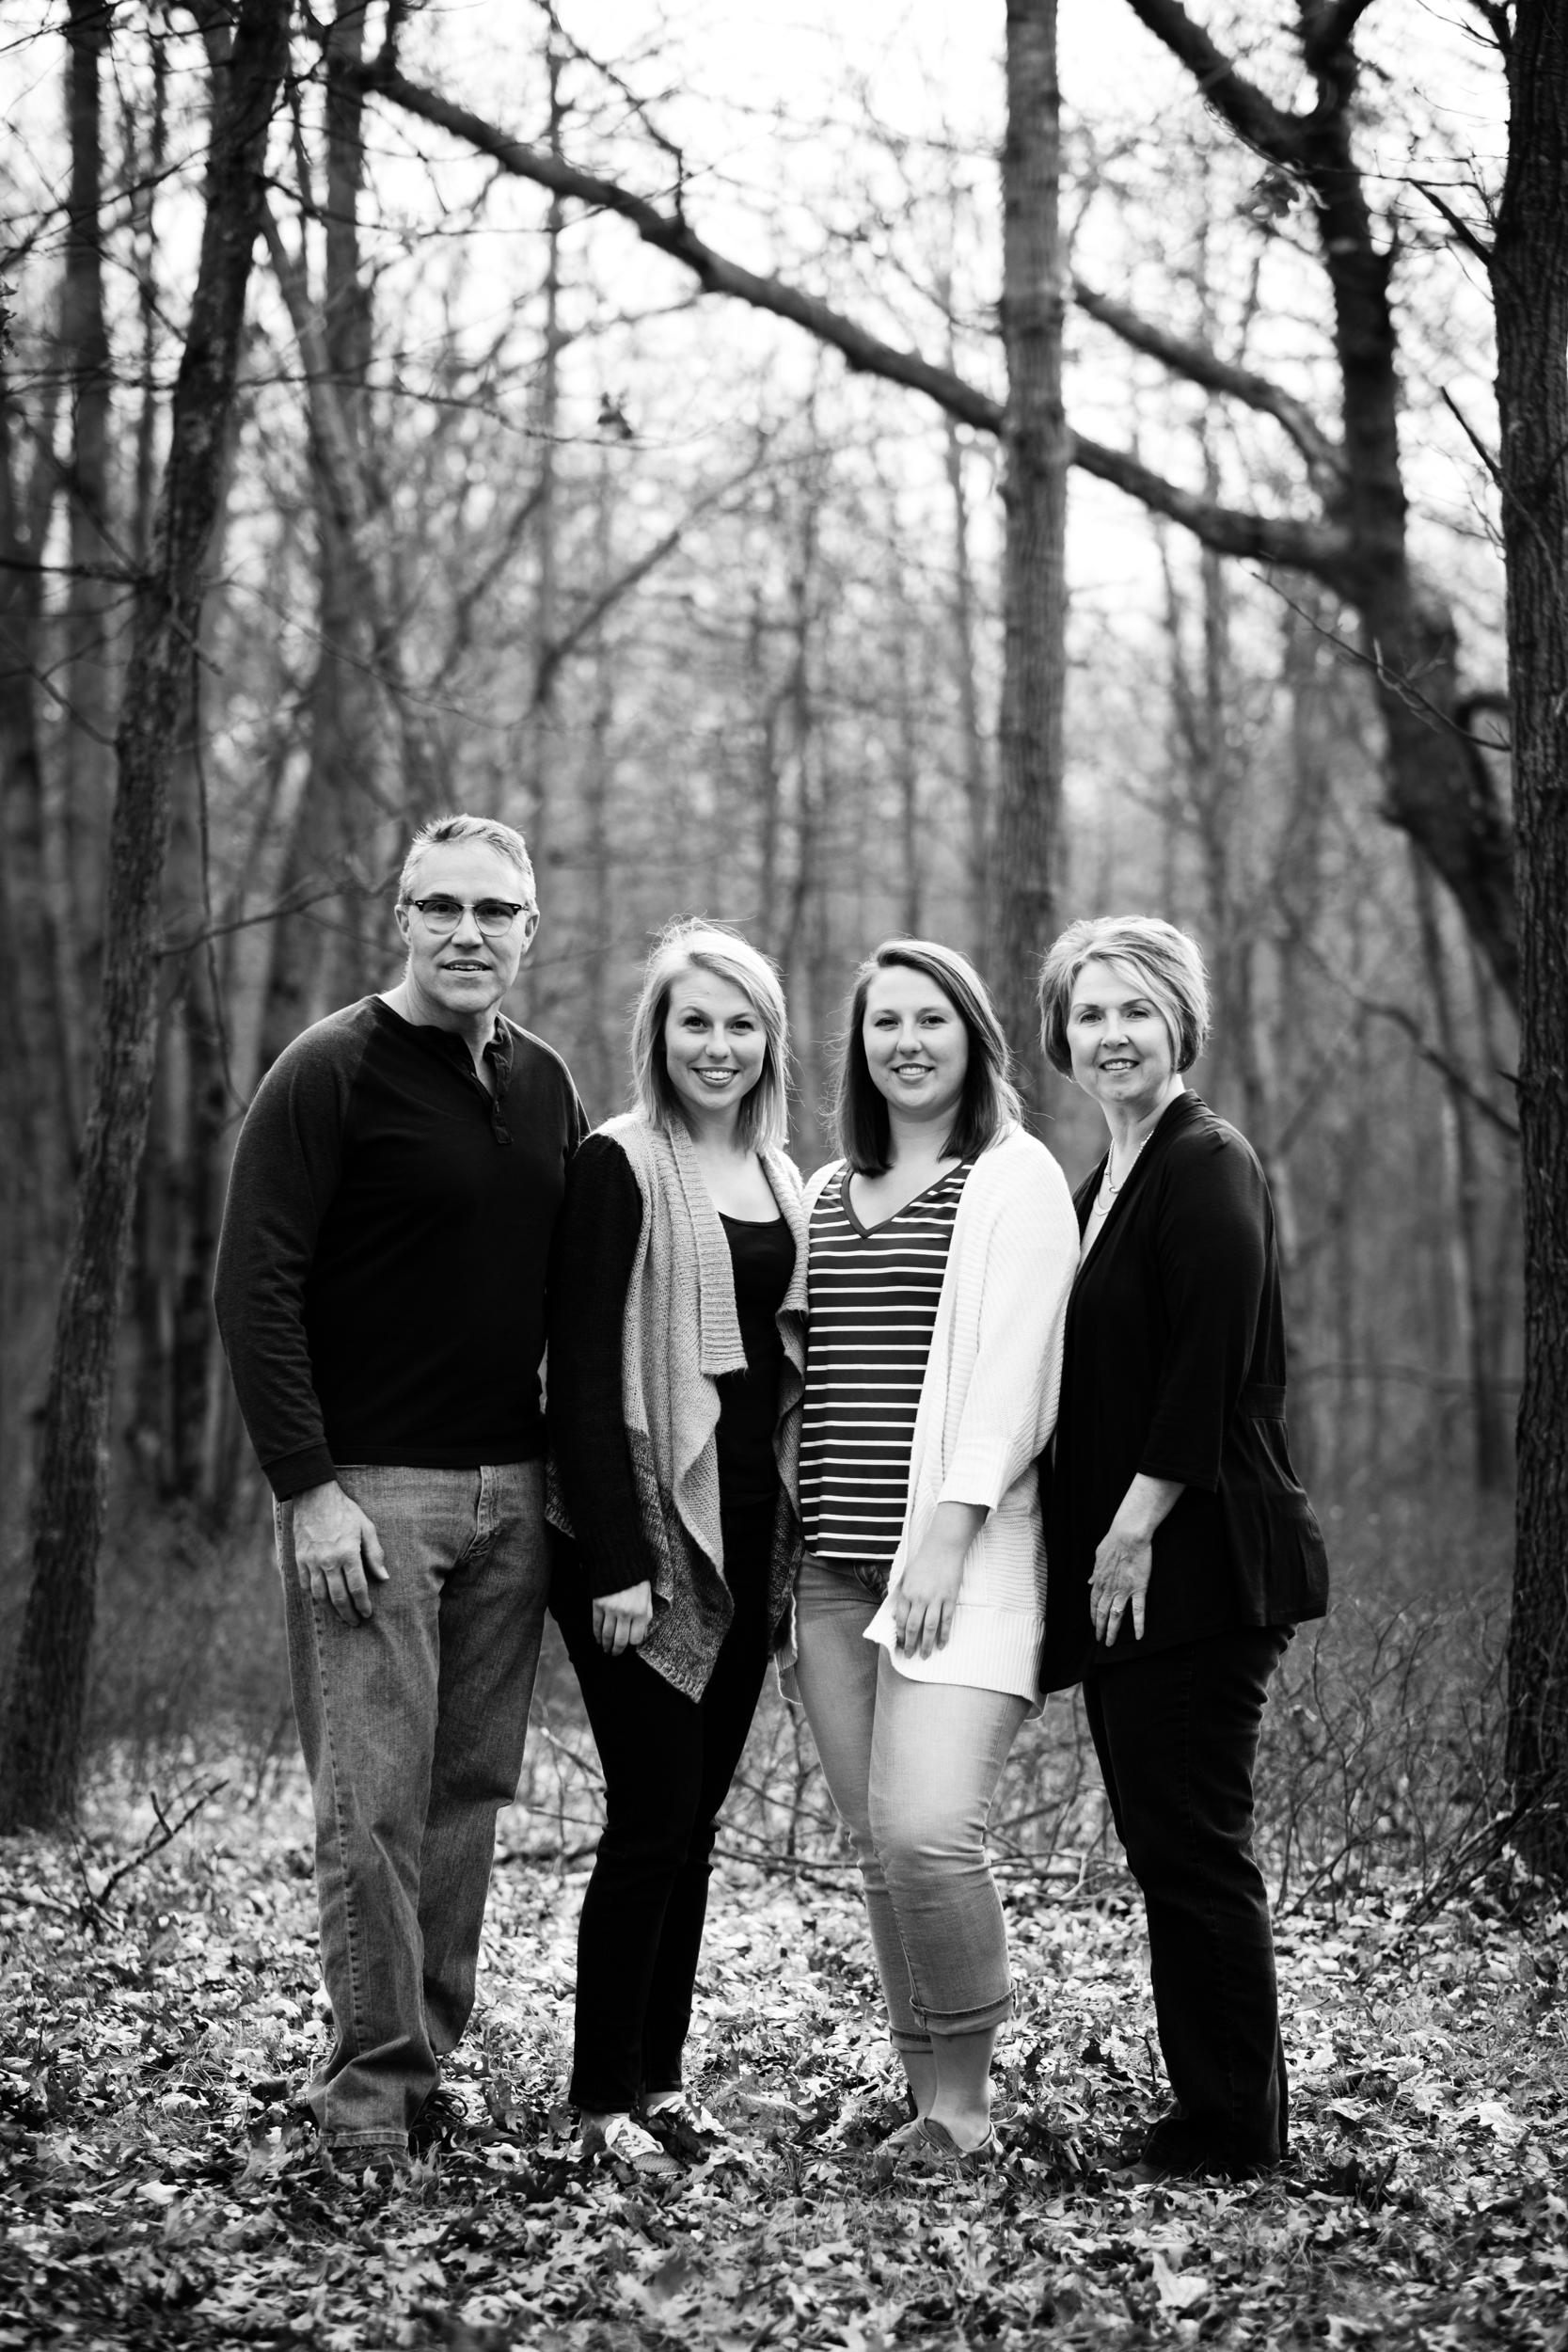 Family-1-3.jpg